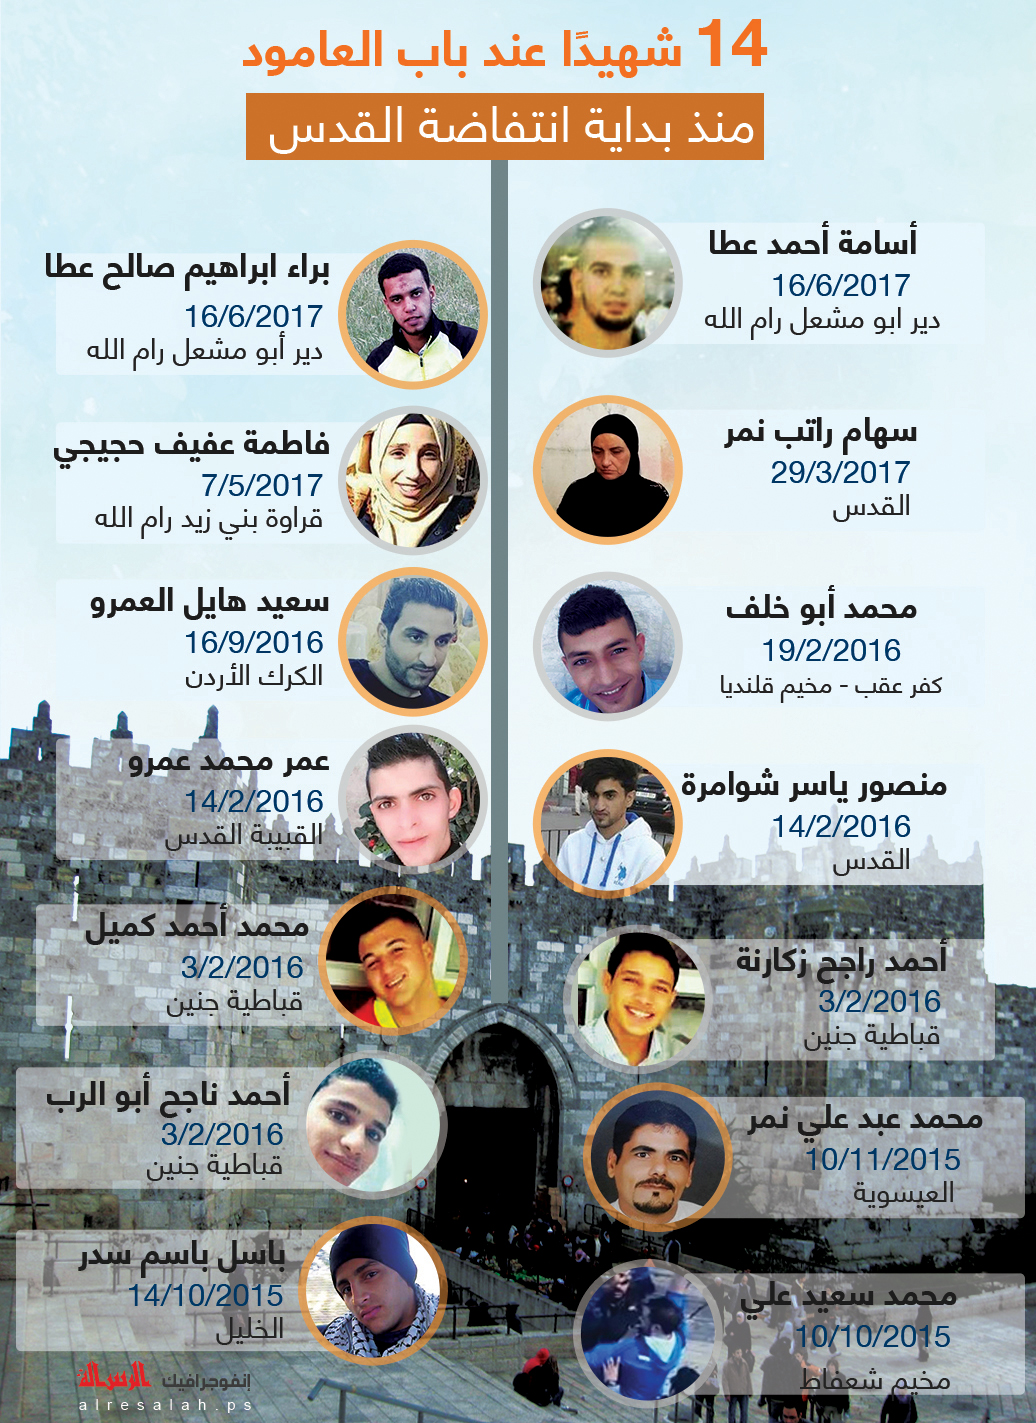 15 شهيد عند باب العامود منذ بداية انتفاضة القدس